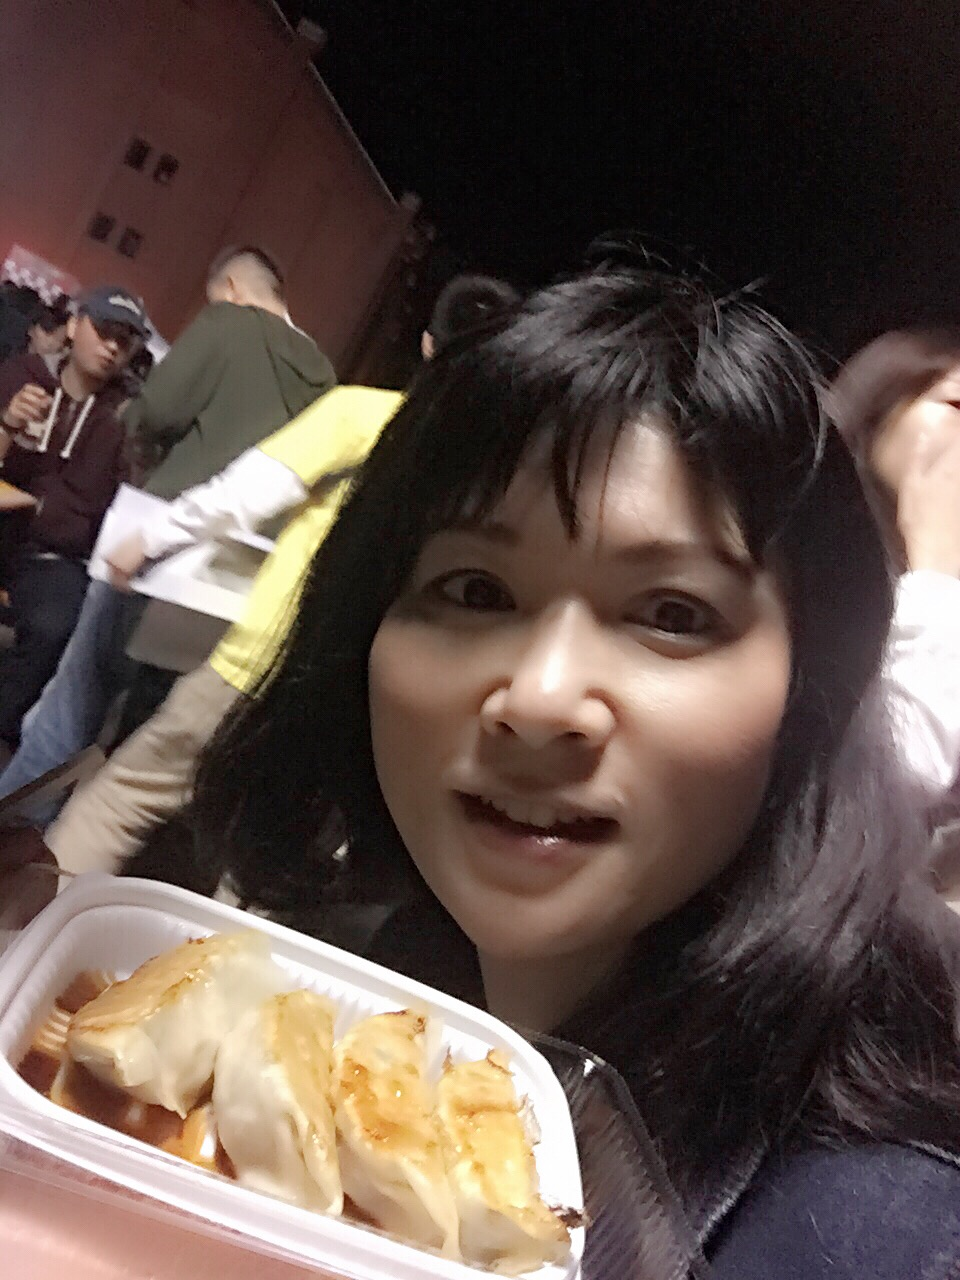 赤レンガ倉庫宇都宮餃子祭り